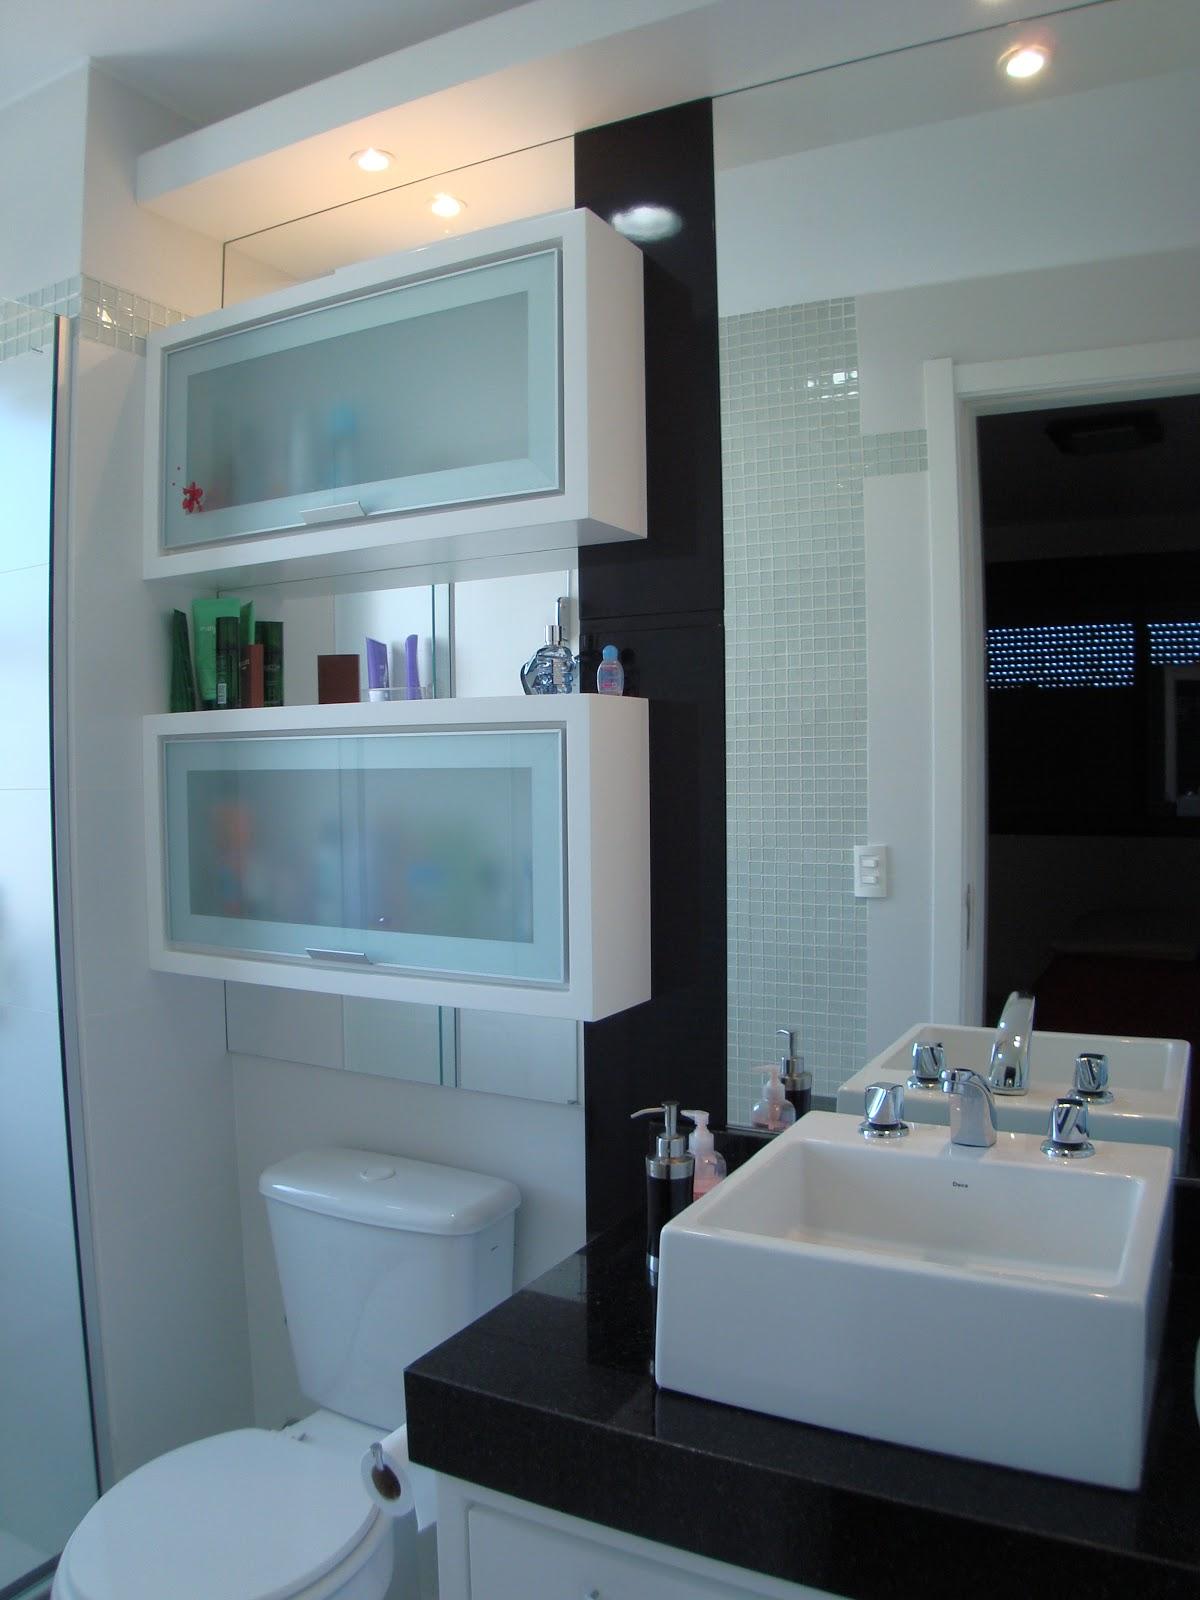 Imagens de #826A49 Andréa Pereira Interiores: Banheiros 1200x1600 px 3726 Banheiros Planejados Preto E Branco